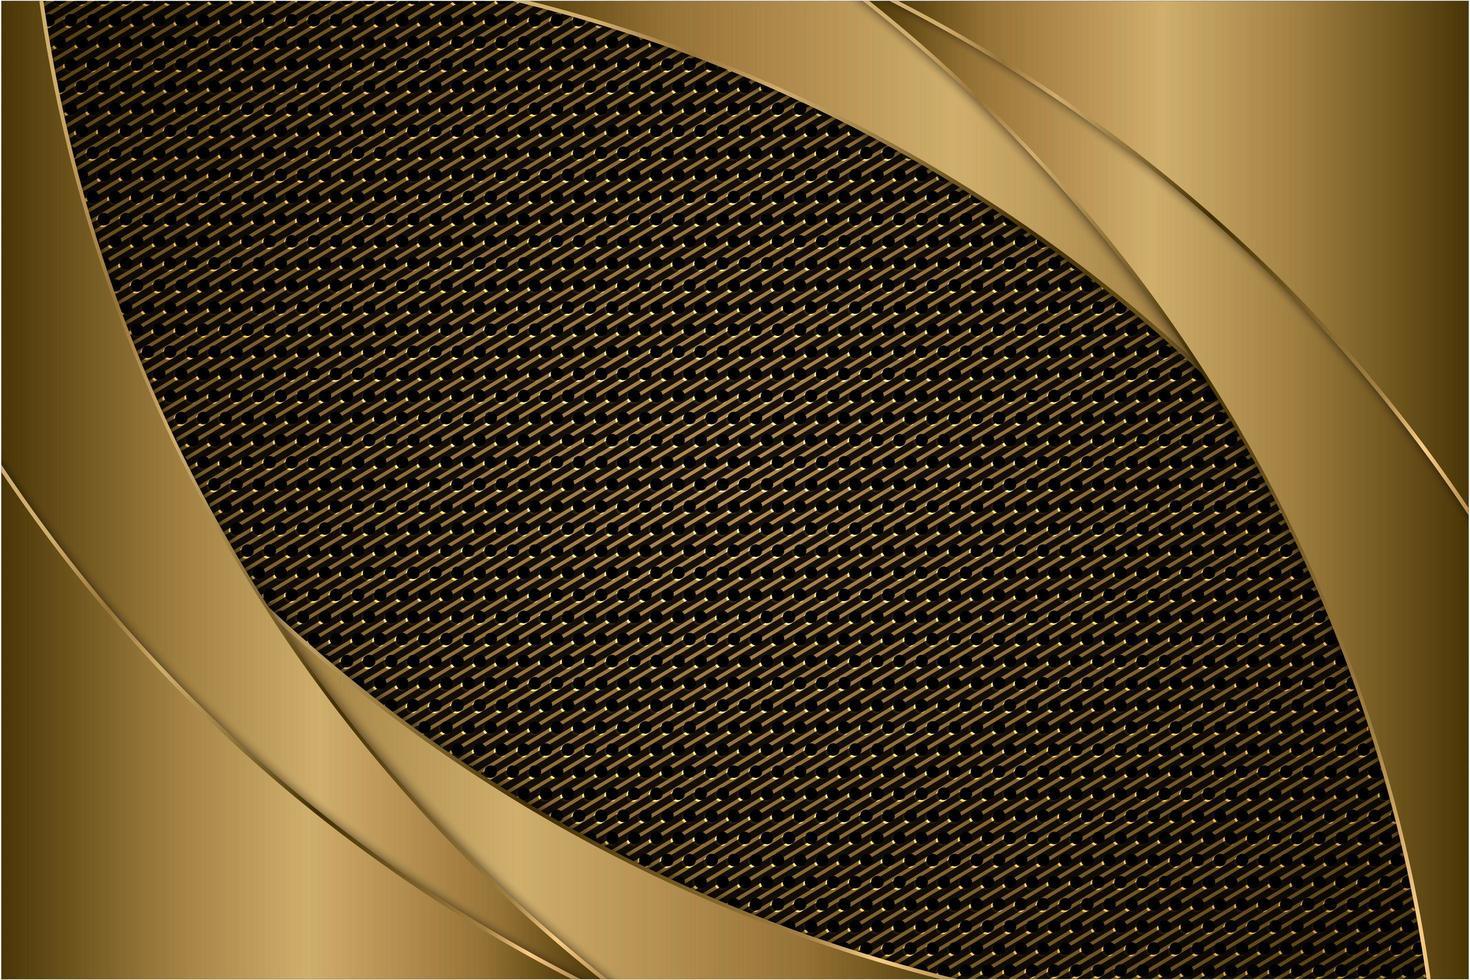 metallic goud gebogen panelen met koolstofvezel textuur vector